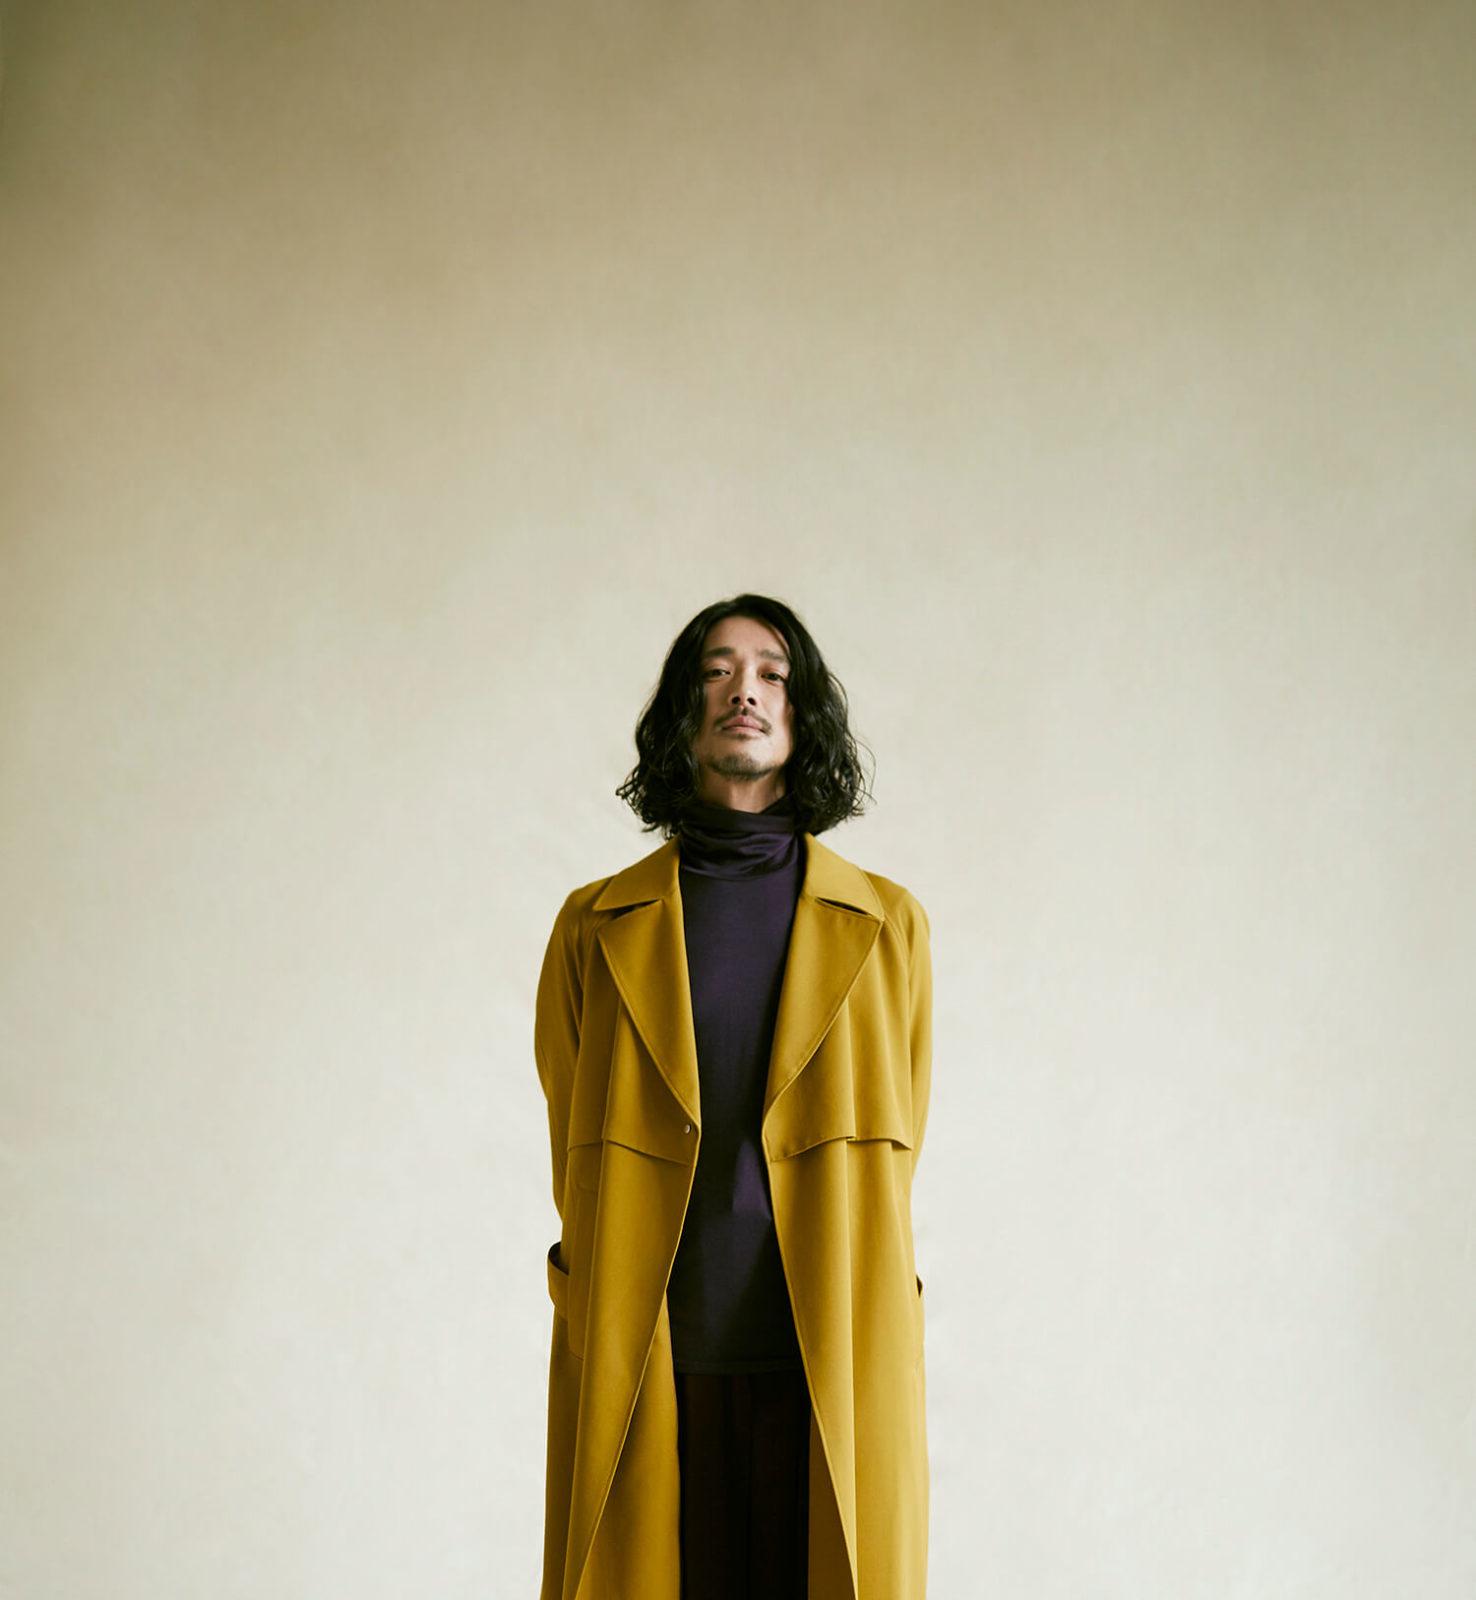 大橋トリオ、最新アルバム収録曲「テレパシー」を明日J-WAVEにて初フルサイズオンエア決定サムネイル画像